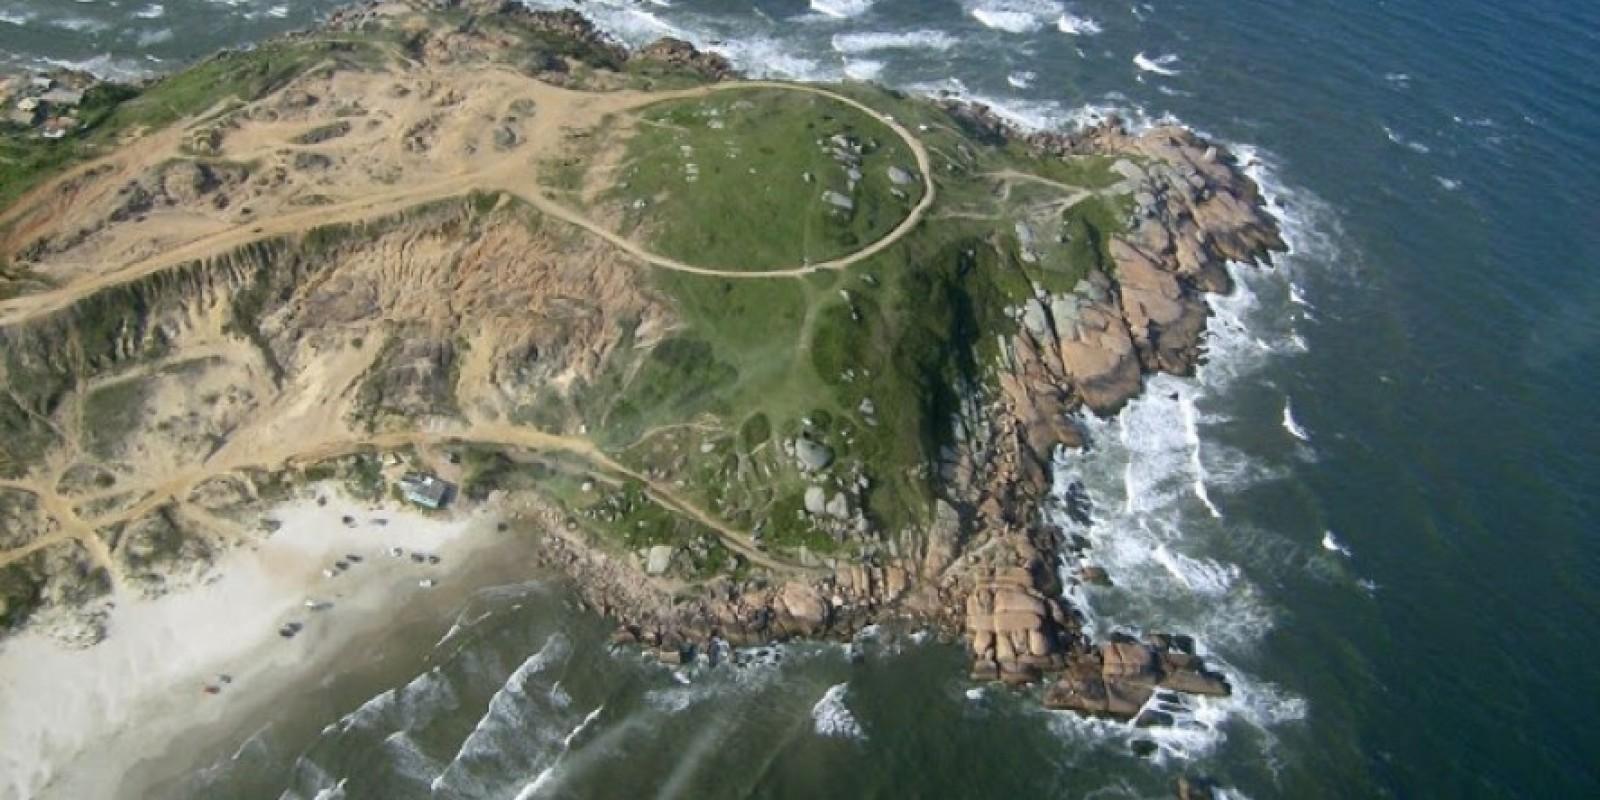 Casal cai no costão de pedras na praia do Gi na noite desta quarta-feira